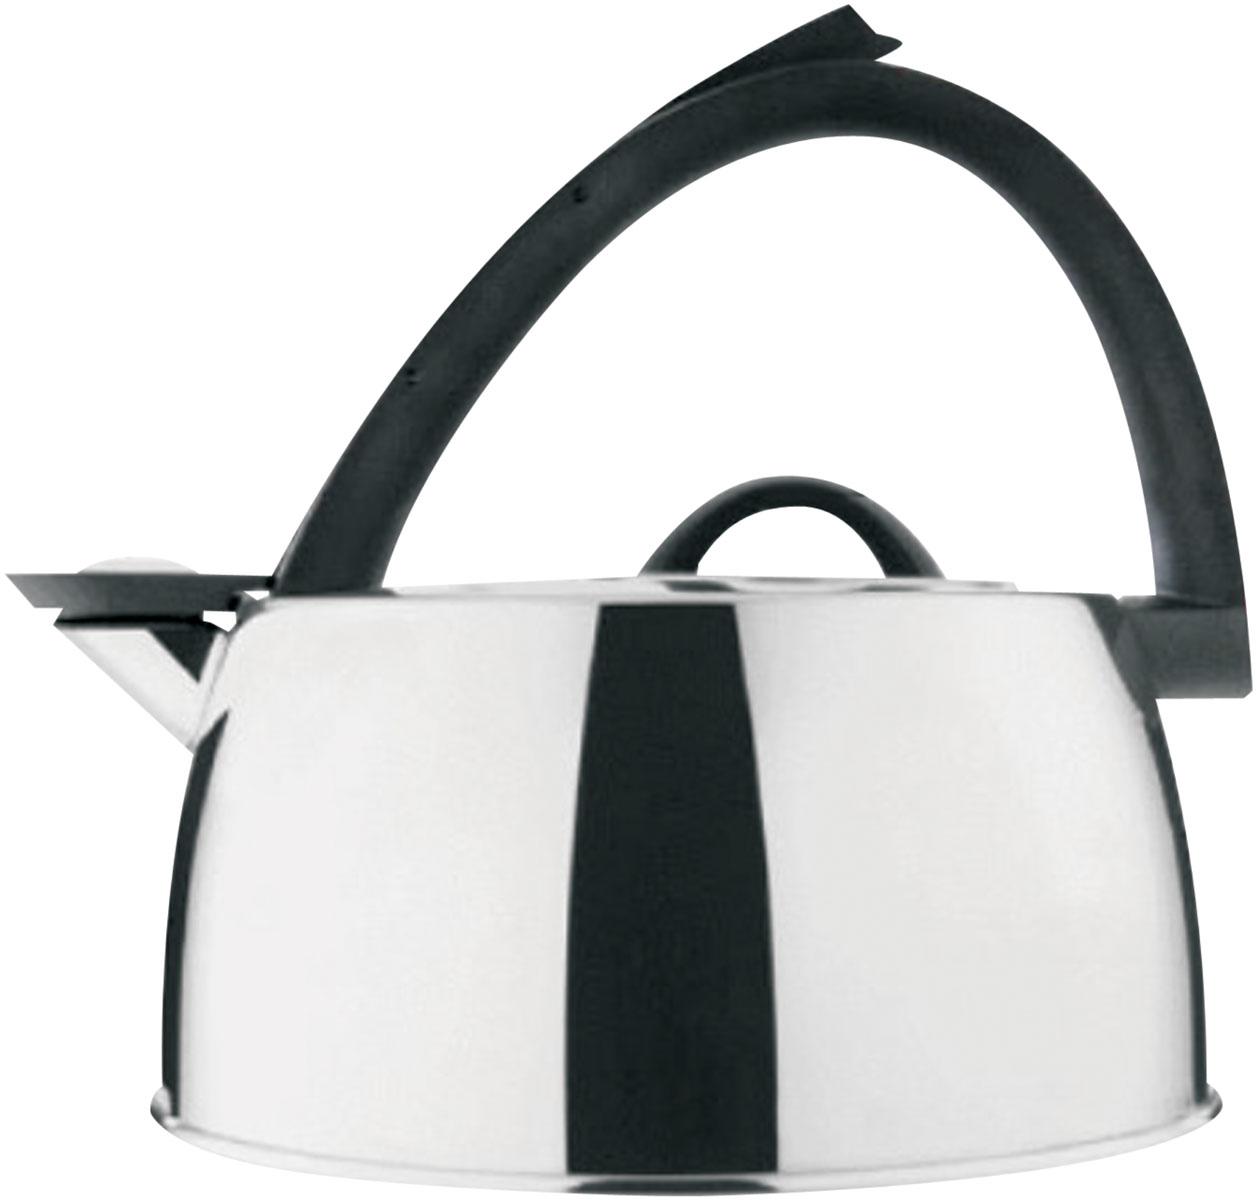 Чайник Bekker De Luxe со свистком, 3 л. BK-S41954 009312Чайник Bekker De Luxe изготовлен из высококачественной нержавеющей стали 18/10 с зеркальной полировкой. Капсулированное дно распределяет тепло по всей поверхности, что позволяет чайнику быстро закипать. Эргономичная фиксированная рукоятка выполнена из бакелита черного цвета. Носик оснащен откидным свистком, который подскажет, когда вода закипела. Свисток открывается и закрывается рычагом на рукоятке. Оригинальный дизайн эффектно оформит интерьер кухни.Подходит для всех типов плит, кроме индукционных. Можно мыть в посудомоечной машине.